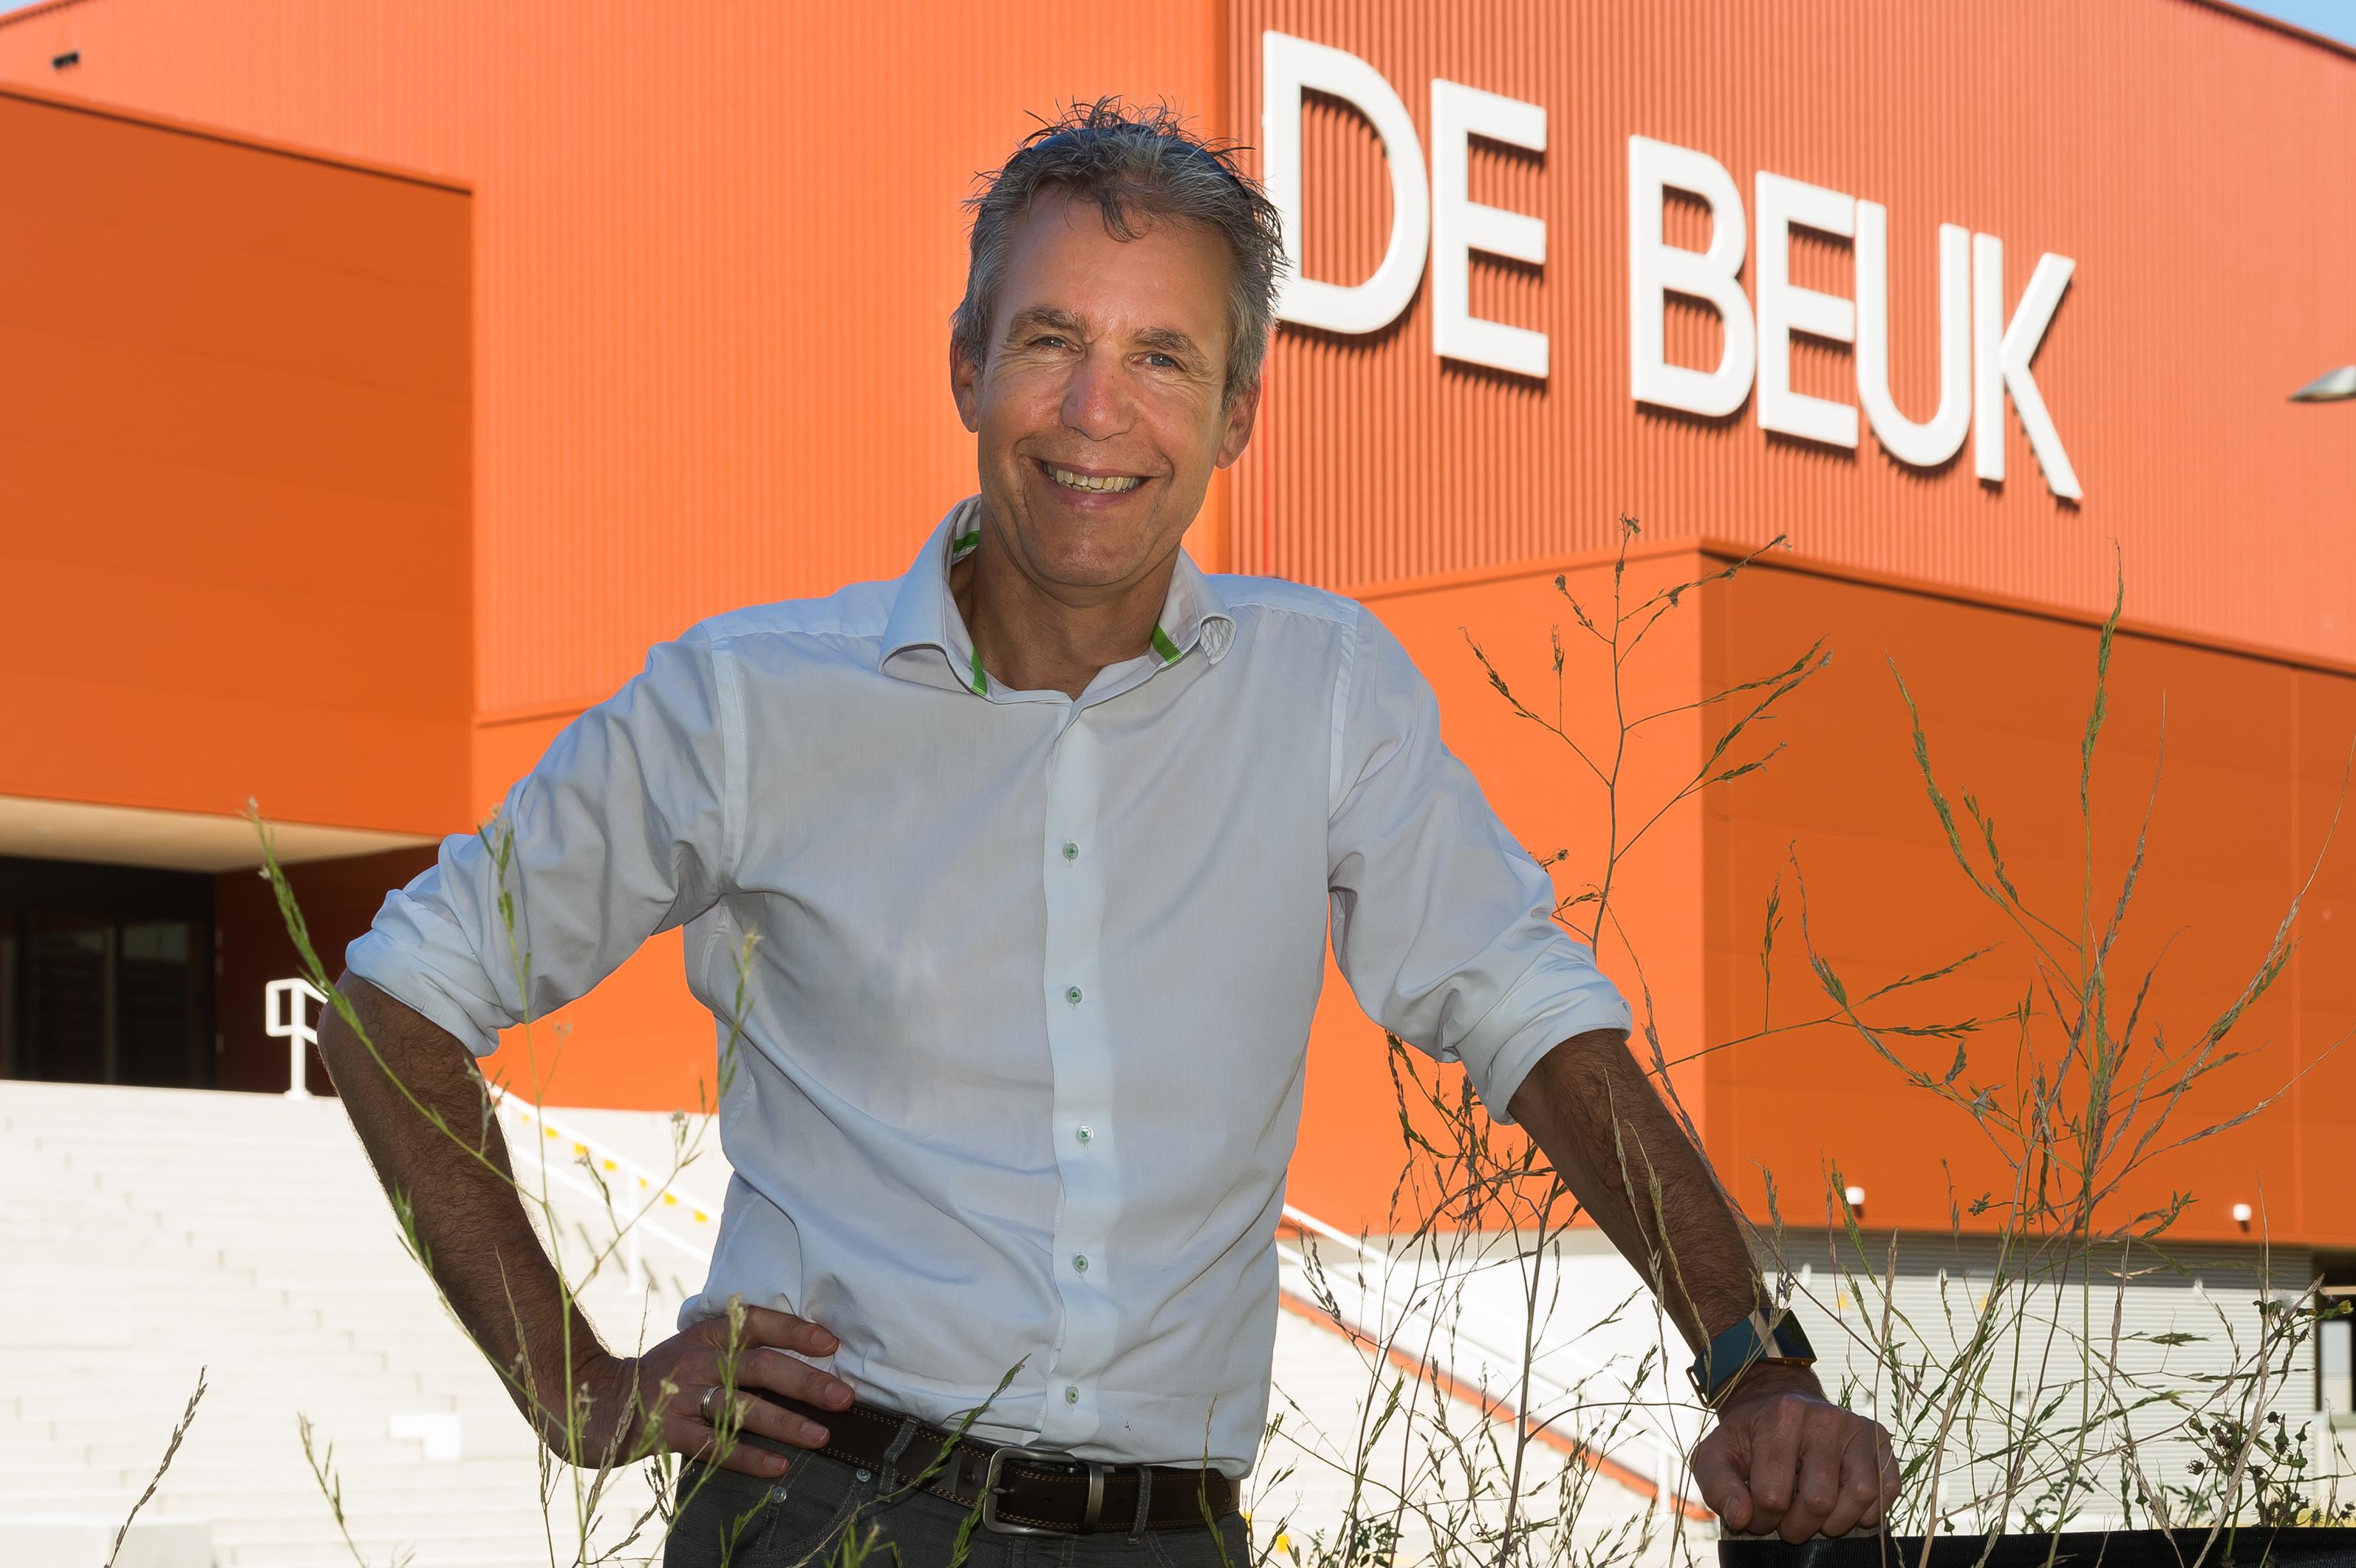 Jancor de Boer voor sporthal De Beuk. (Foto: Han Giskes)